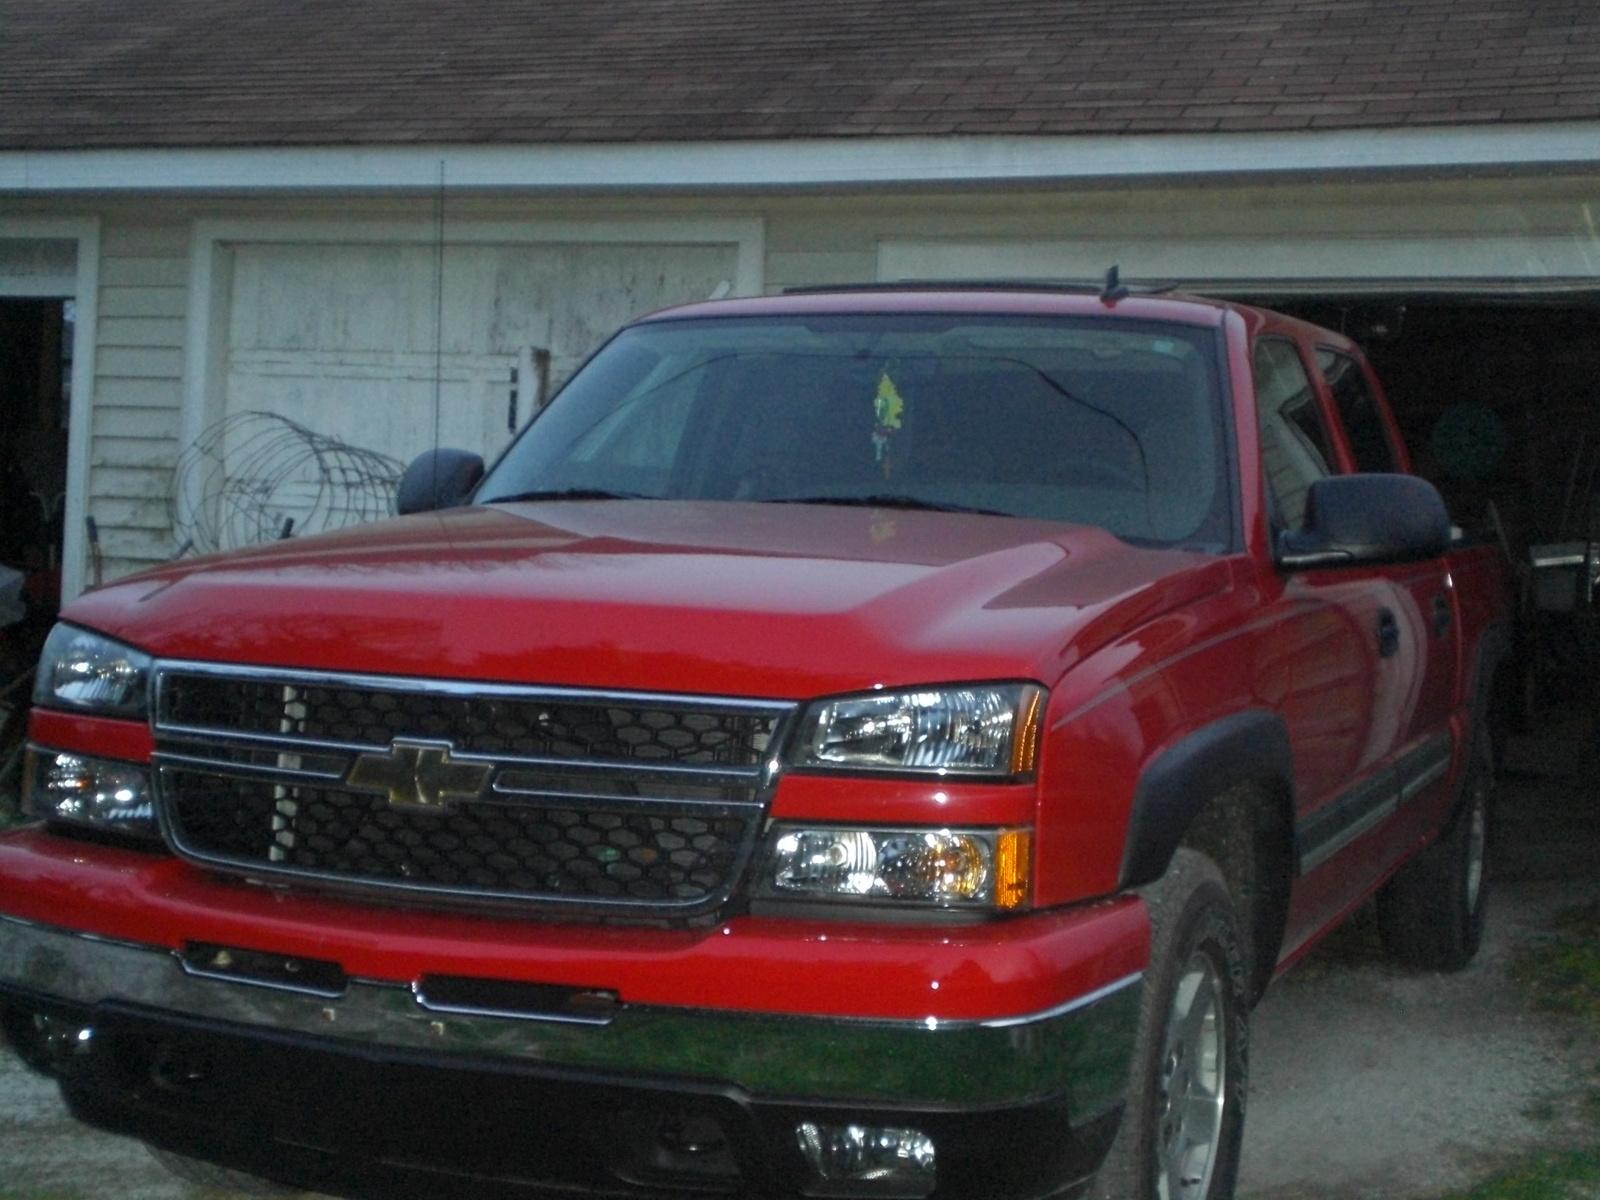 2012 Chevrolet Silverado Wd Crew Cab Vs 2012 >> 2003 Chevrolet Silverado 2500hd Reviews Autoblog And New ...